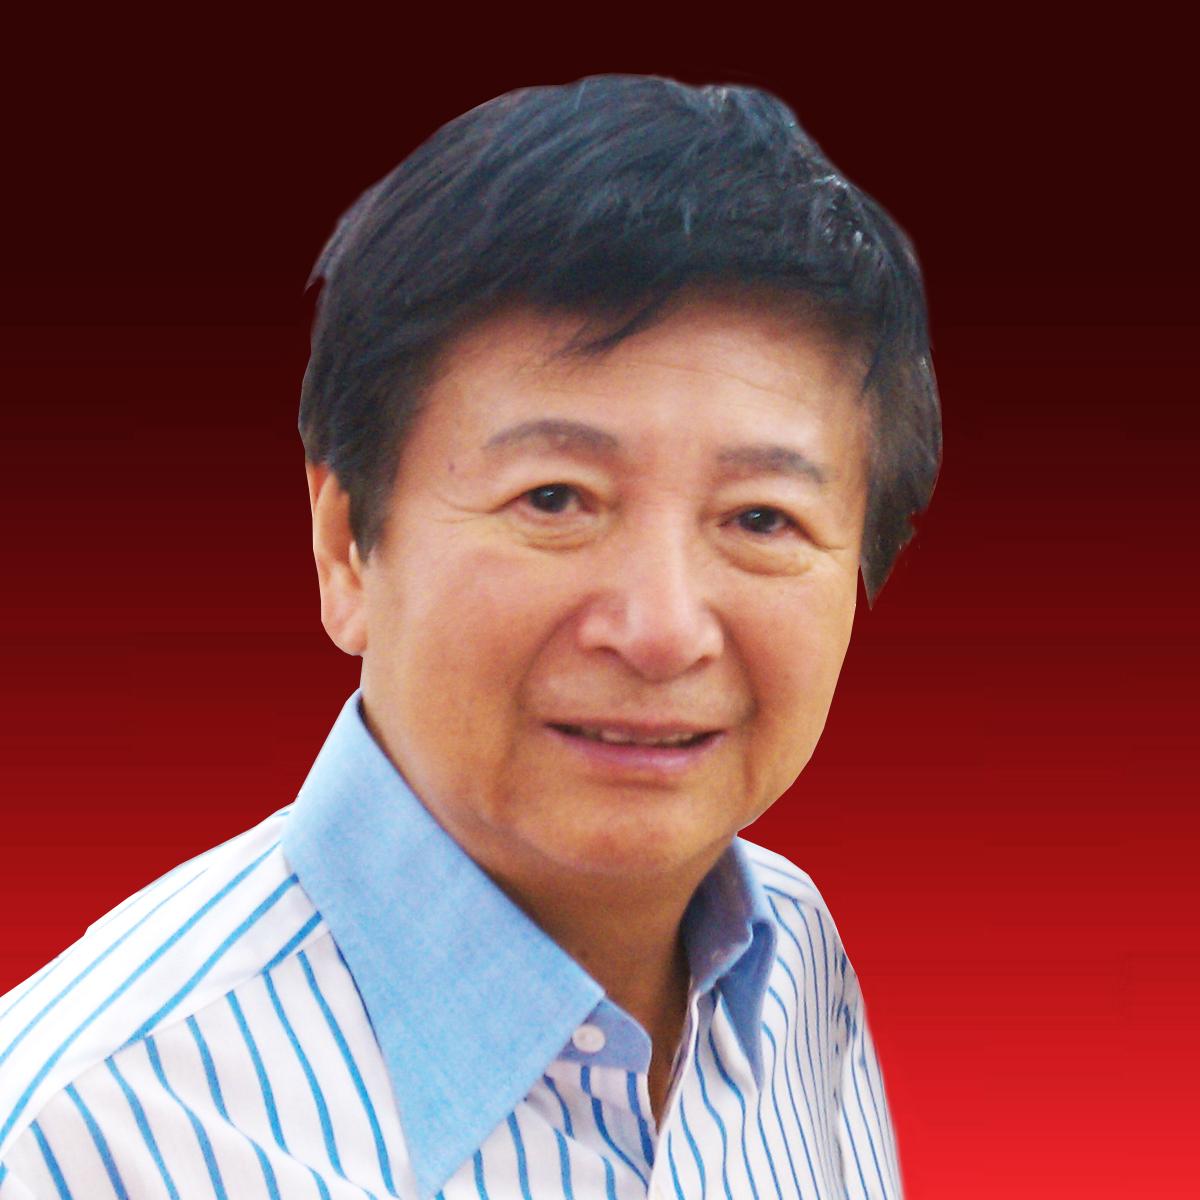 JohnTsai